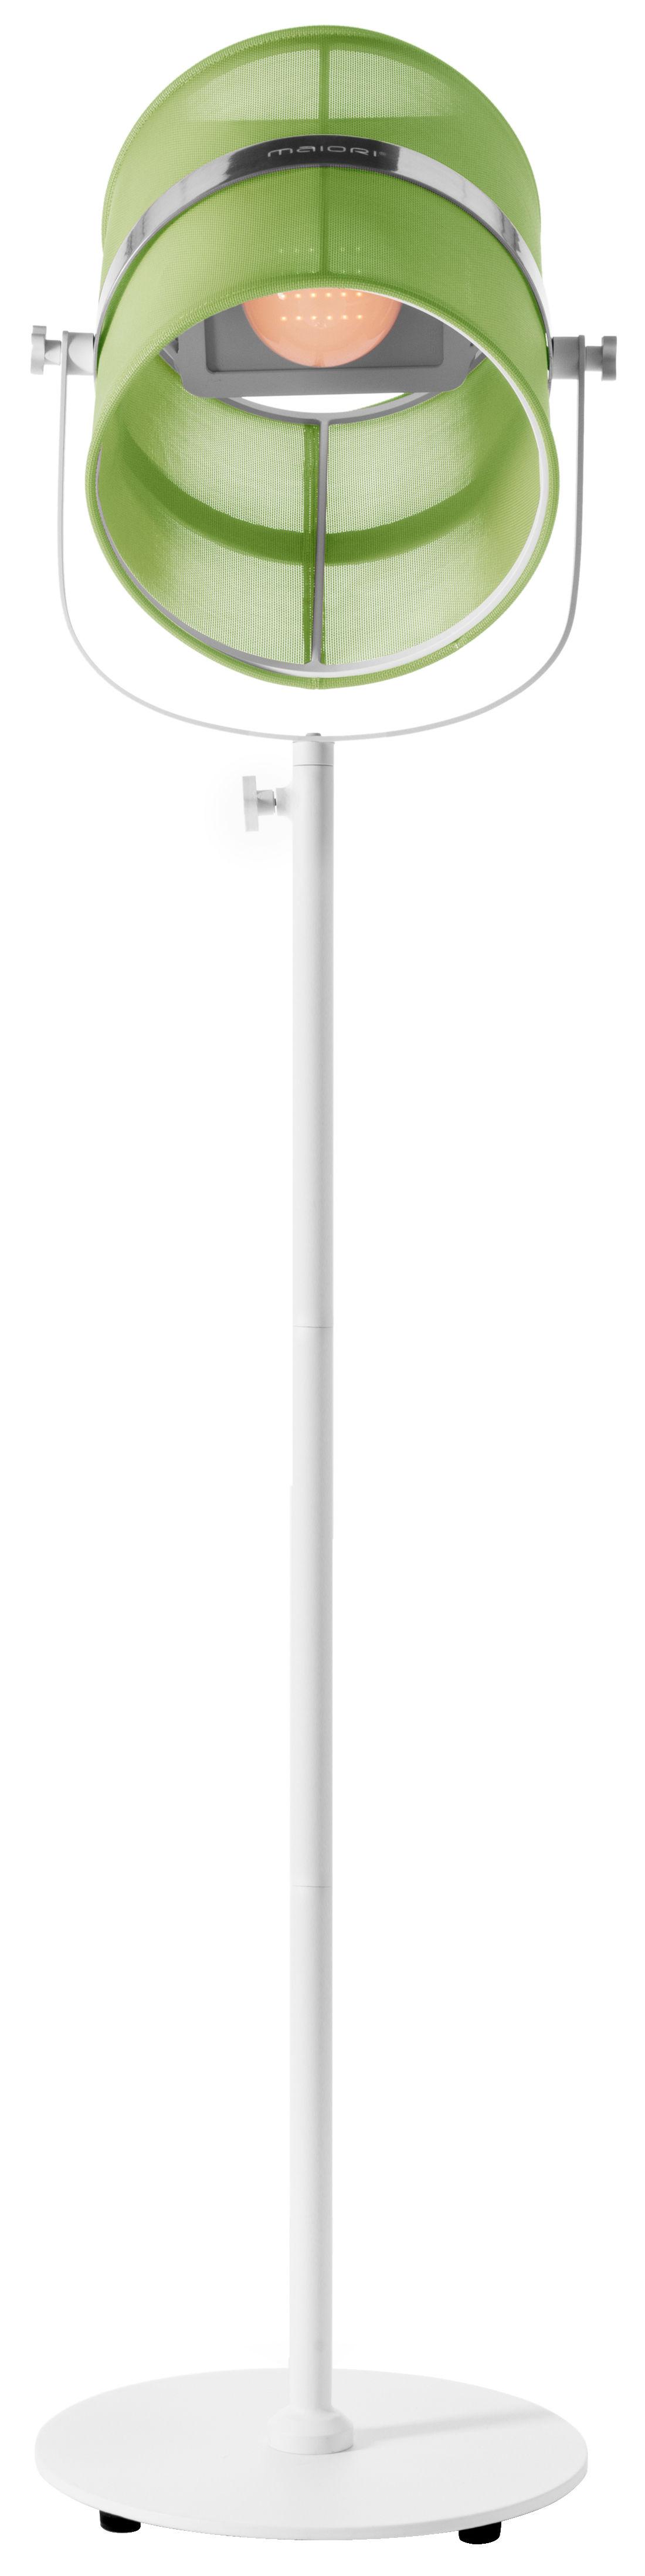 Luminaire - Lampadaires - Lampadaire solaire La Lampe Paris LED / Sans fil - Dock USB - Maiori - Vert prairie / Pied blanc - Aluminium peint, Tissu